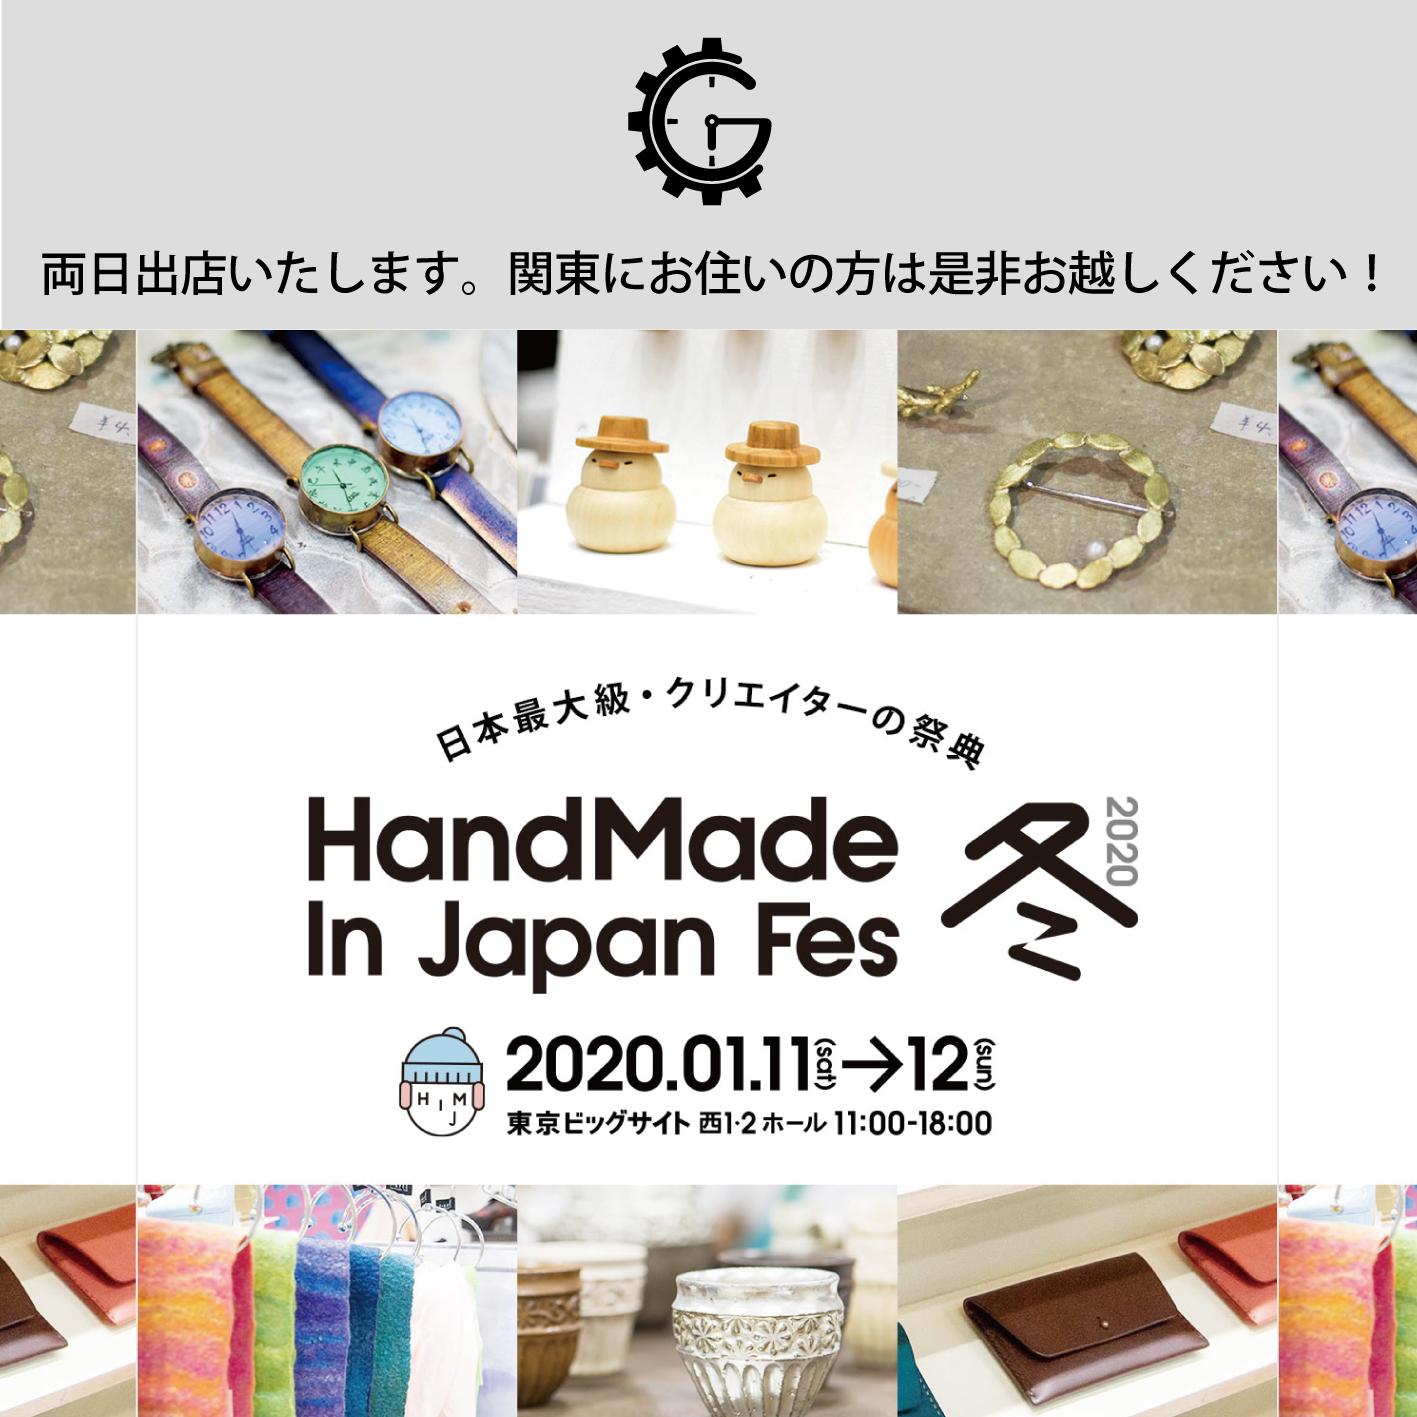 1/11-12 ハンドメイドジャパンフェス2020 冬に出店いたします!